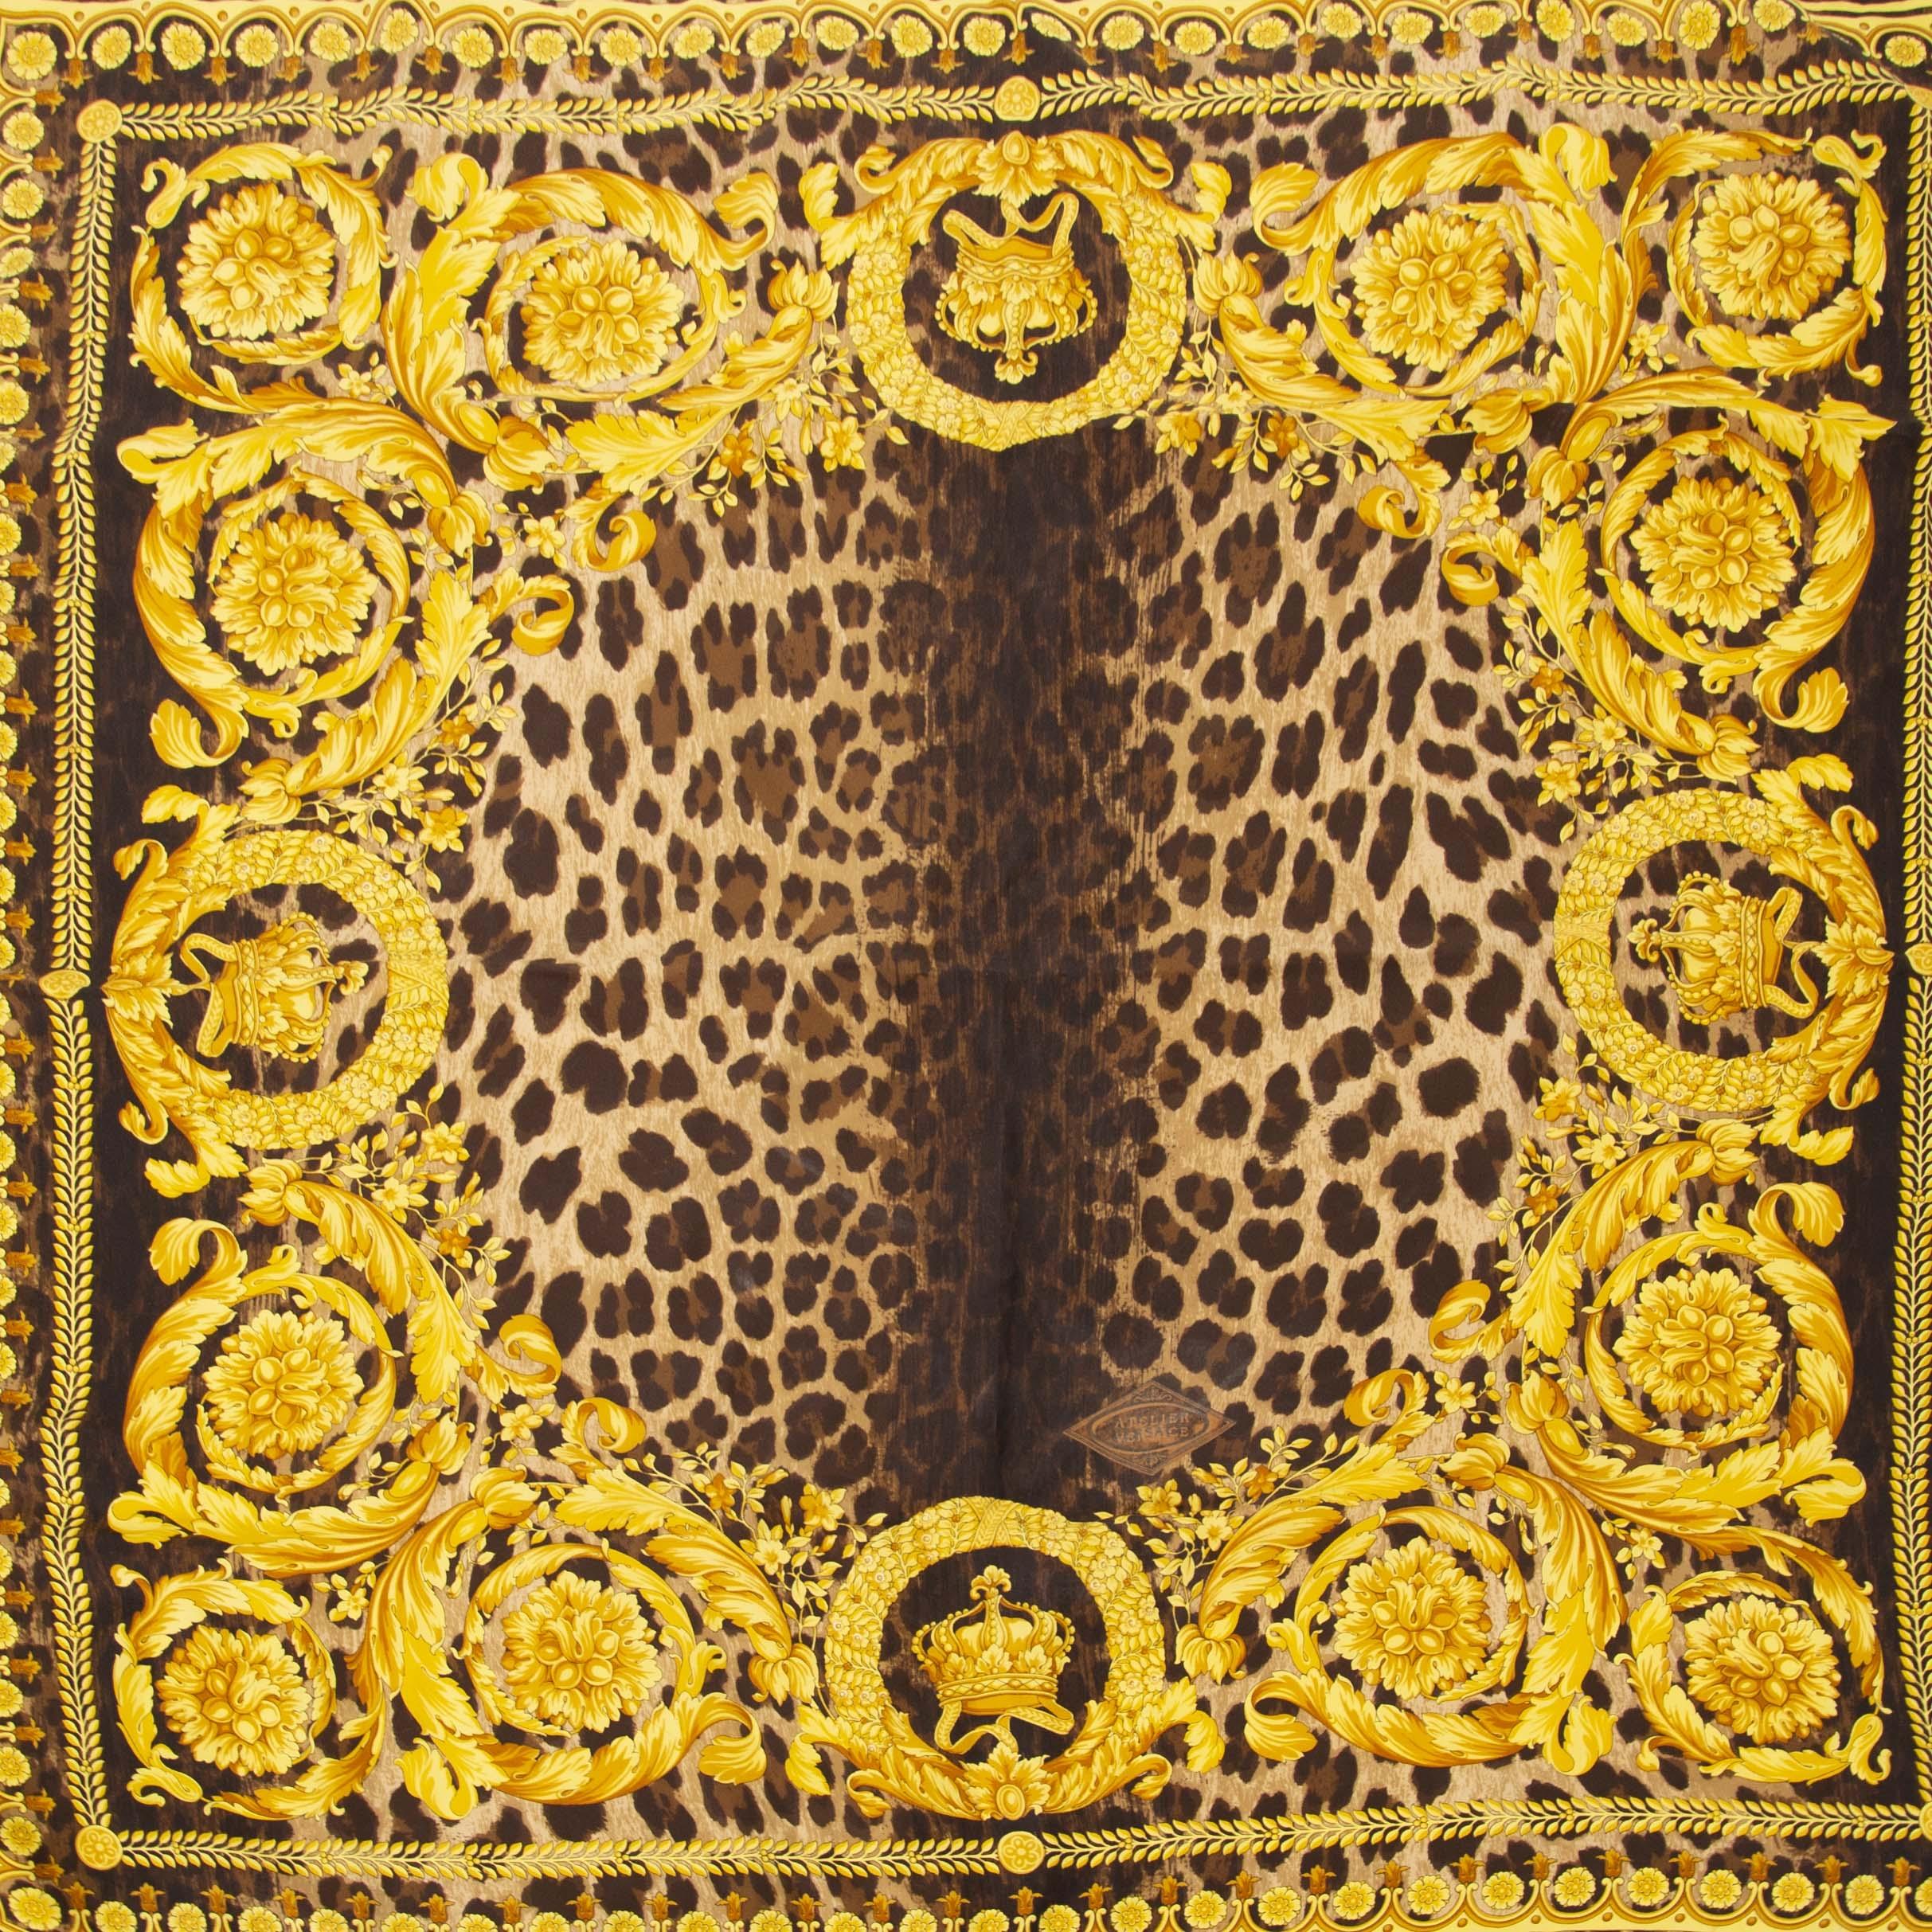 Authentieke tweedehands Versace Scarf Leopard Print With Golden Details koop online LabelLOV